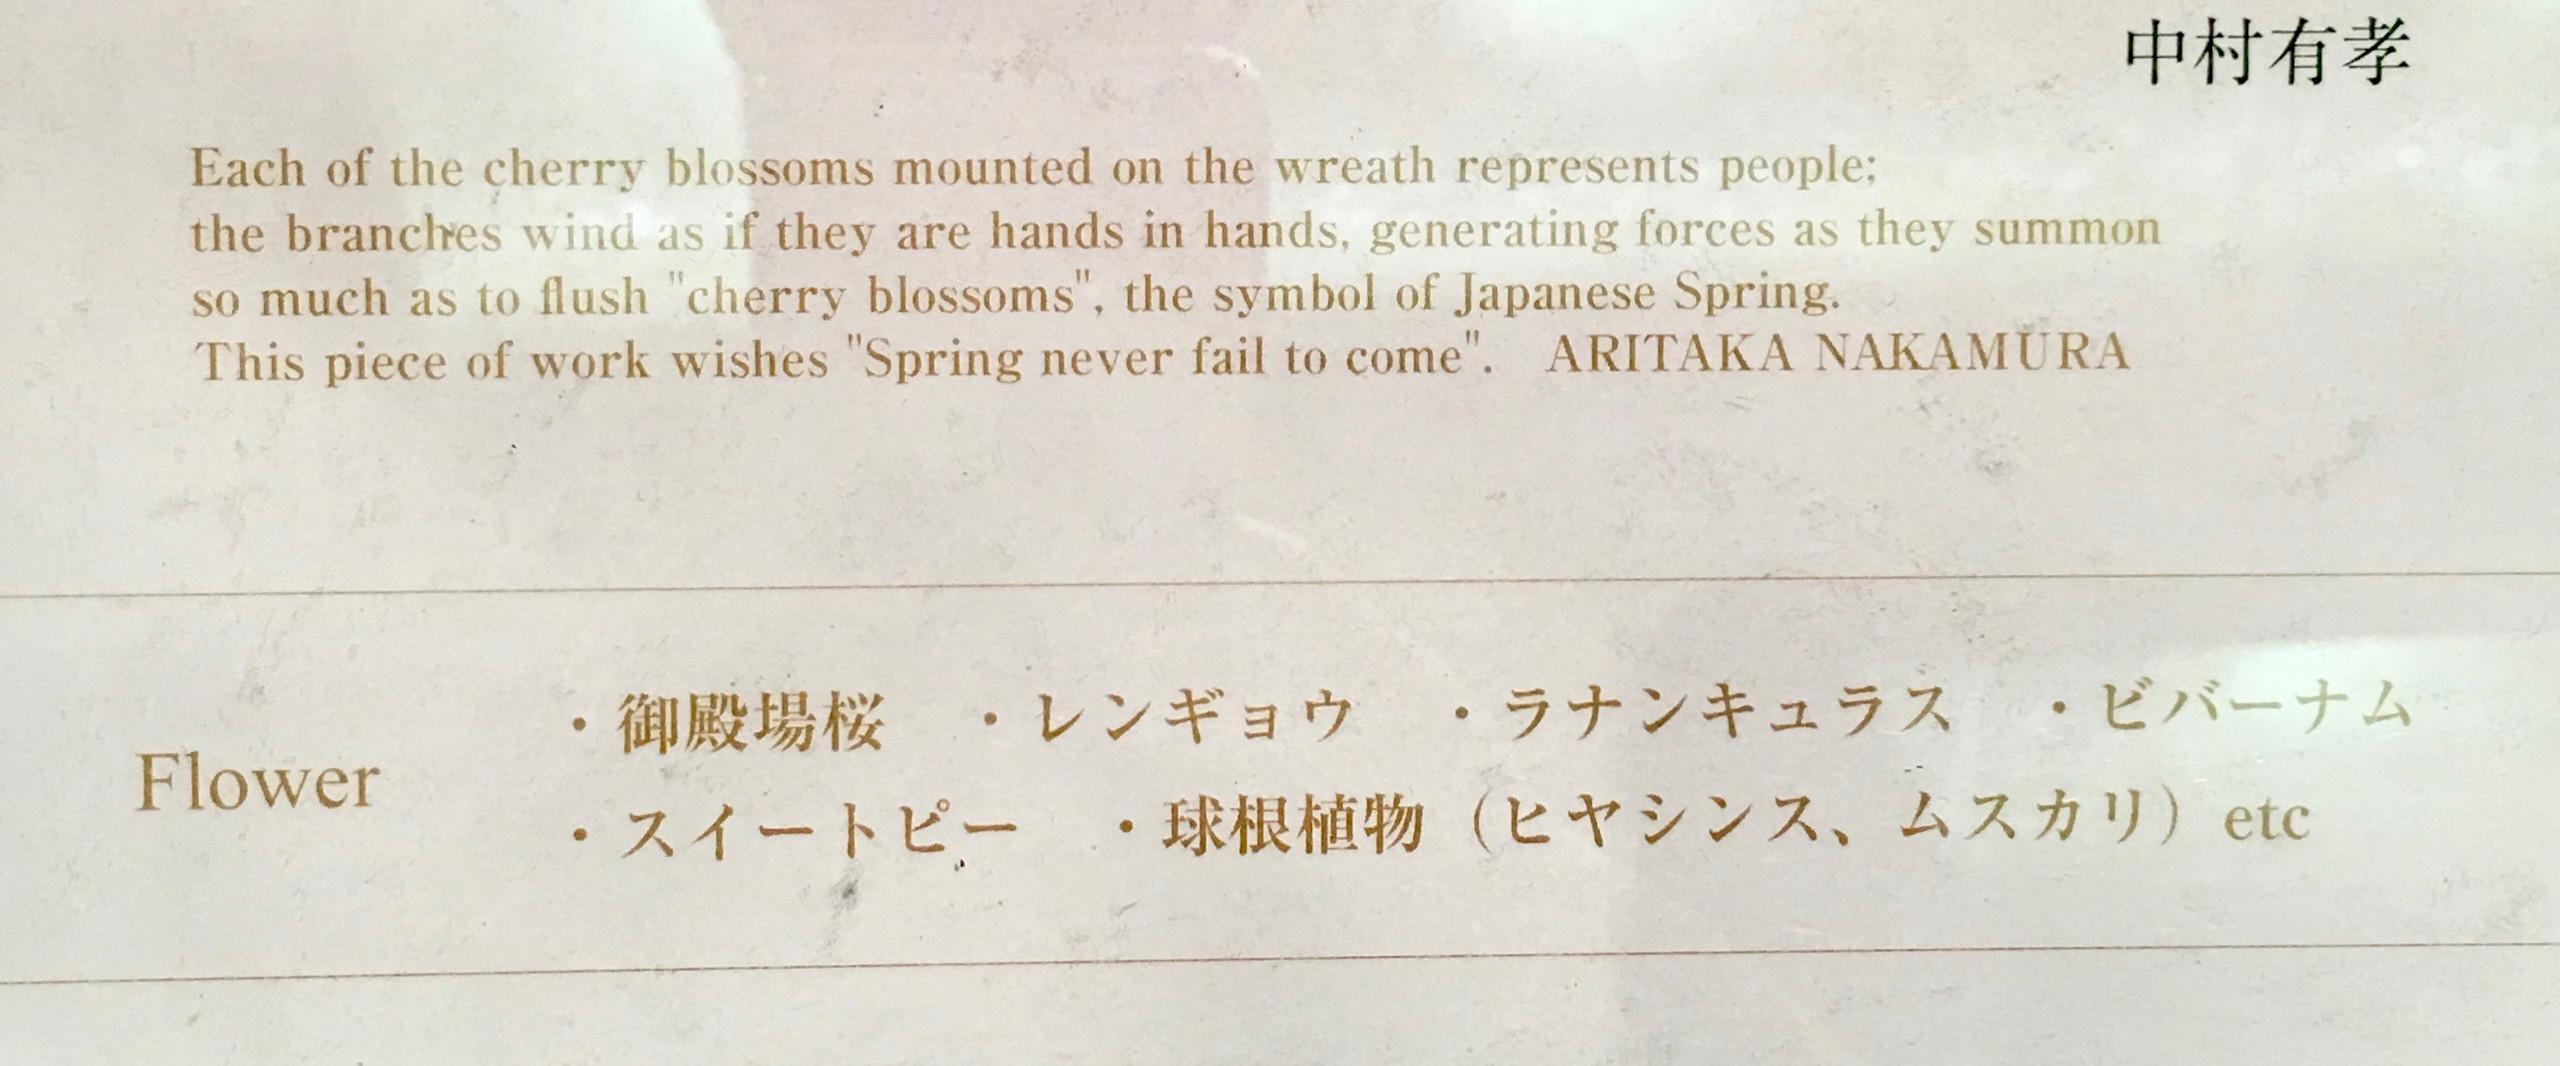 Aritaka Nakamura Flowers